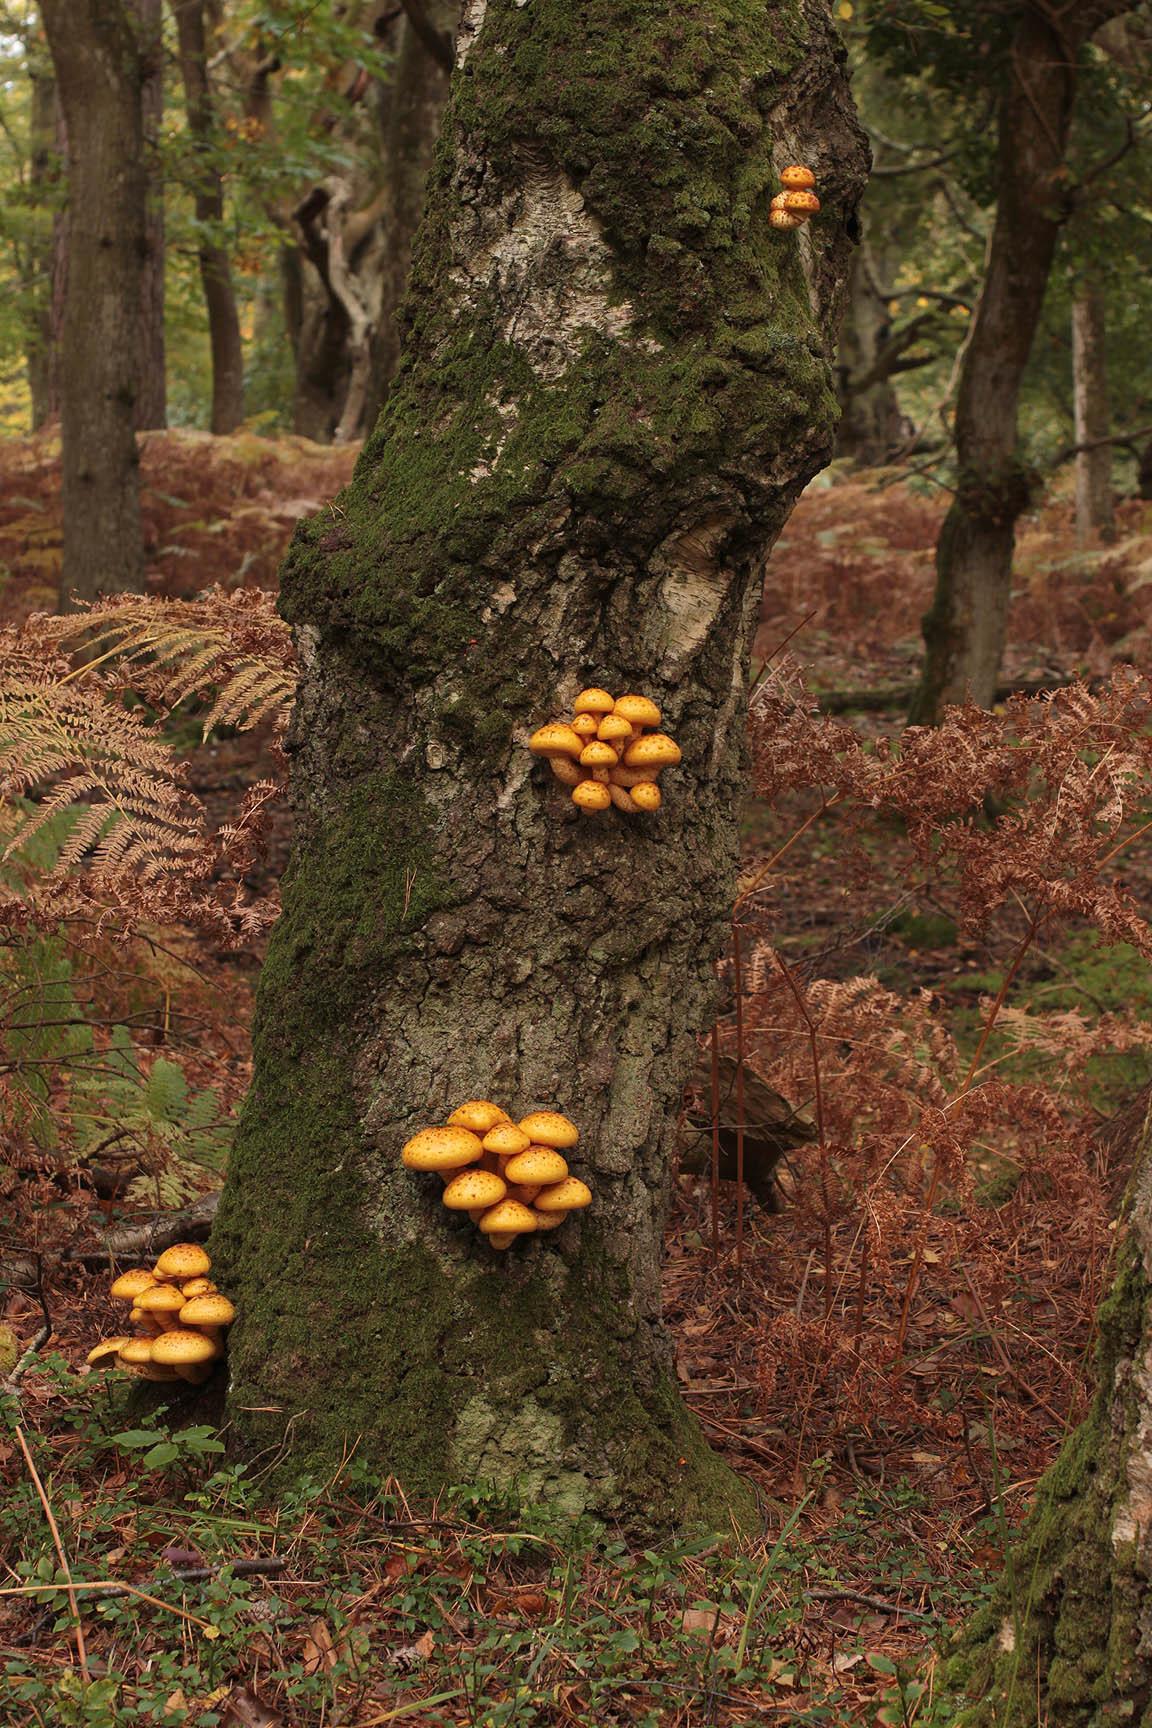 Image of Lemon-yellow Pholiota